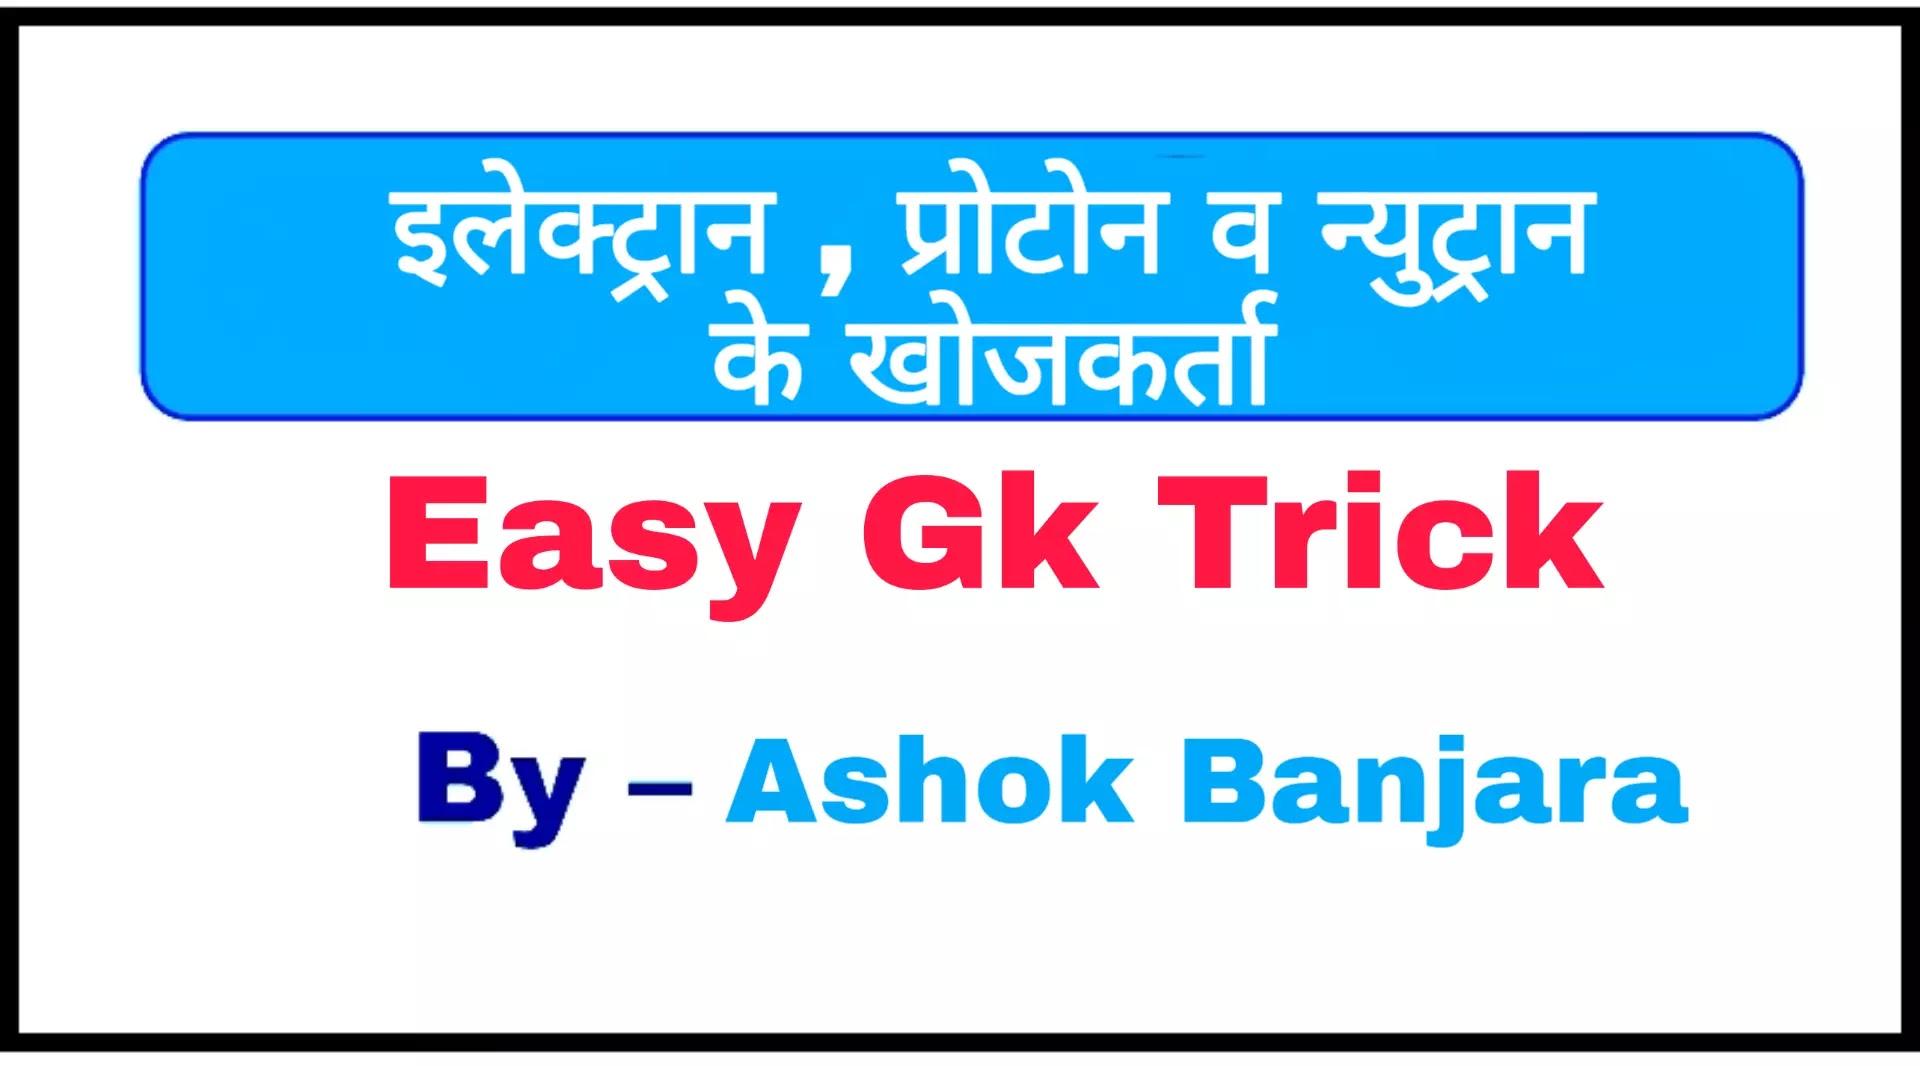 Easy Gk Trick : इलेक्ट्रान , प्रोटोन व न्युट्रान के खोजकर्ताओं को याद रखने की ट्रिक [ Detectors of electron, proton and neutron ]